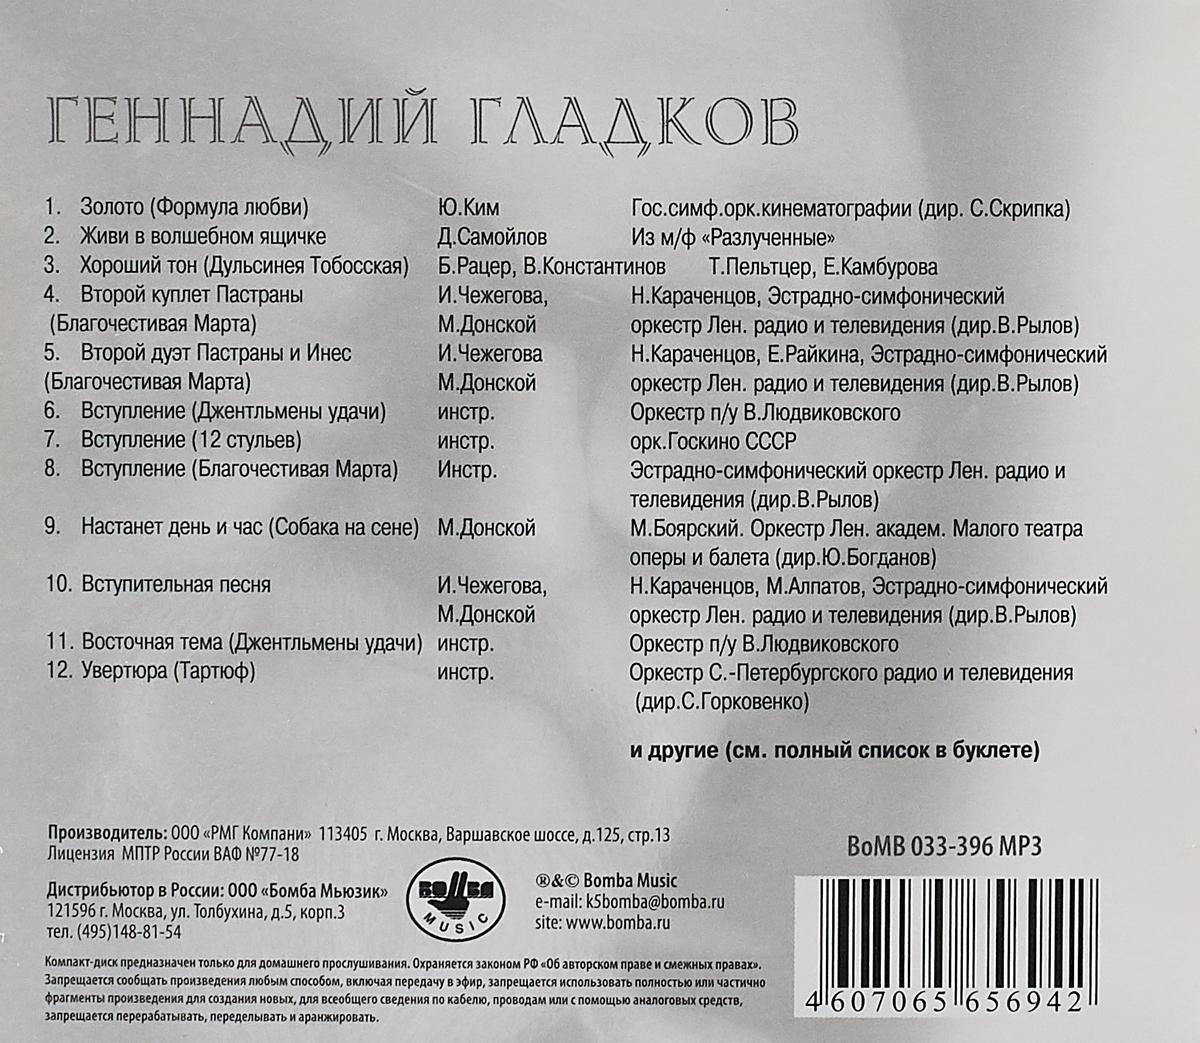 Геннадий Гладков.  Избранное Bomba Music